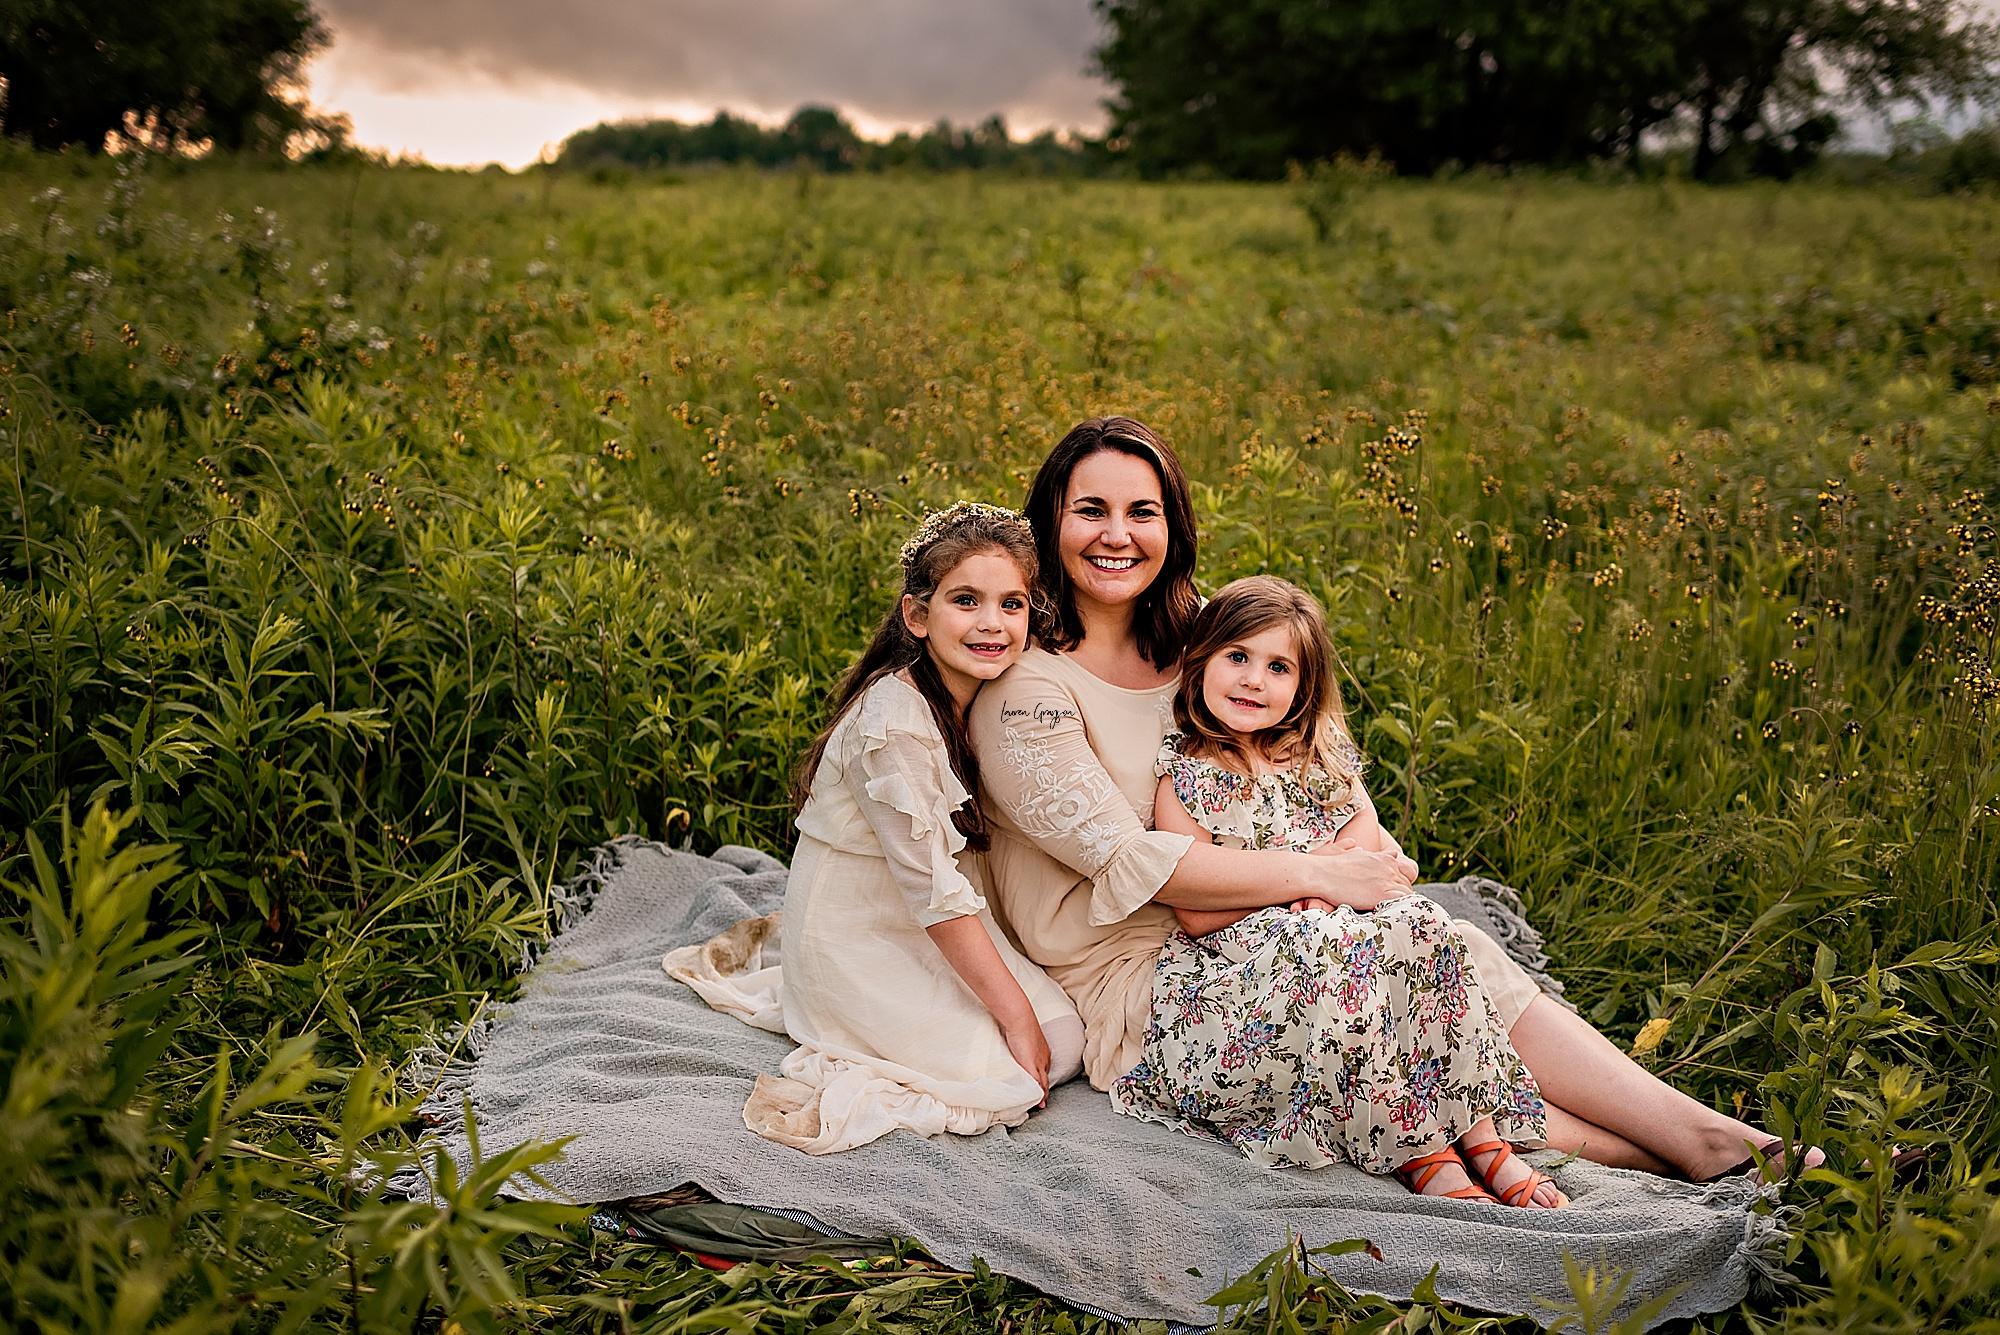 lauren-grayson-photography-akron-ridenour-family-summer-fields-sunset-session_0004.jpg